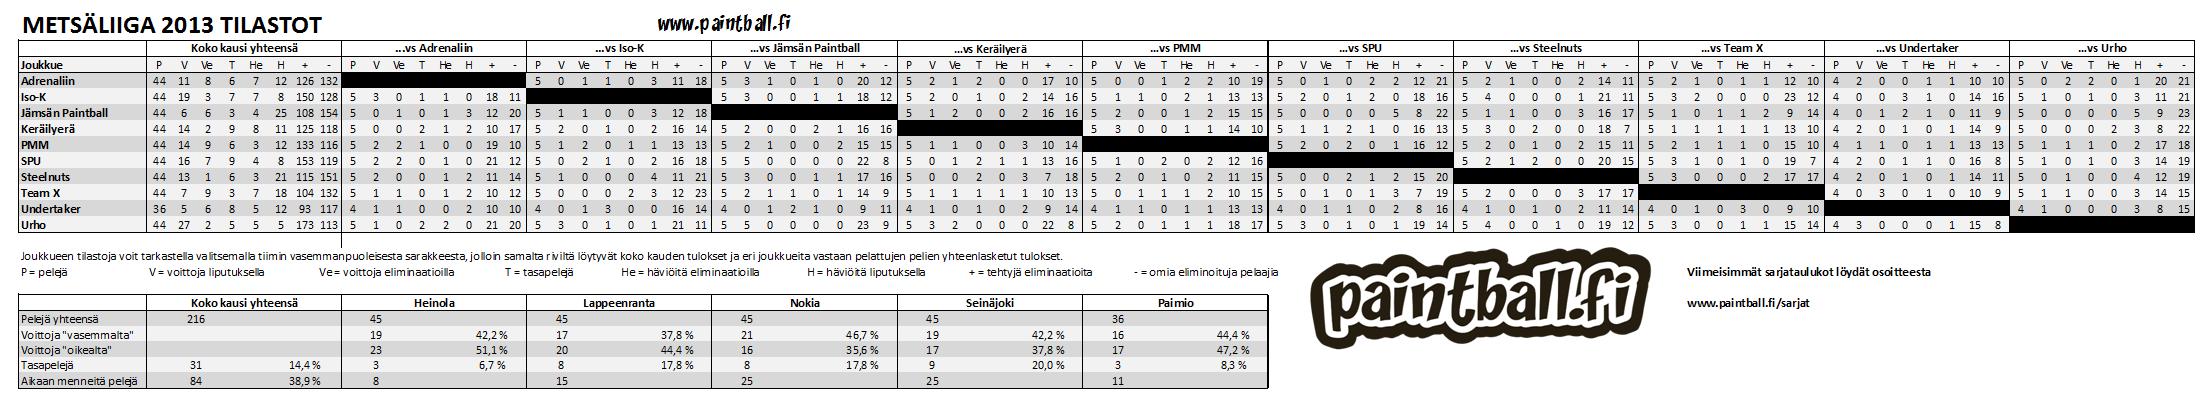 2013_metsaliiga_tilastot.PNG